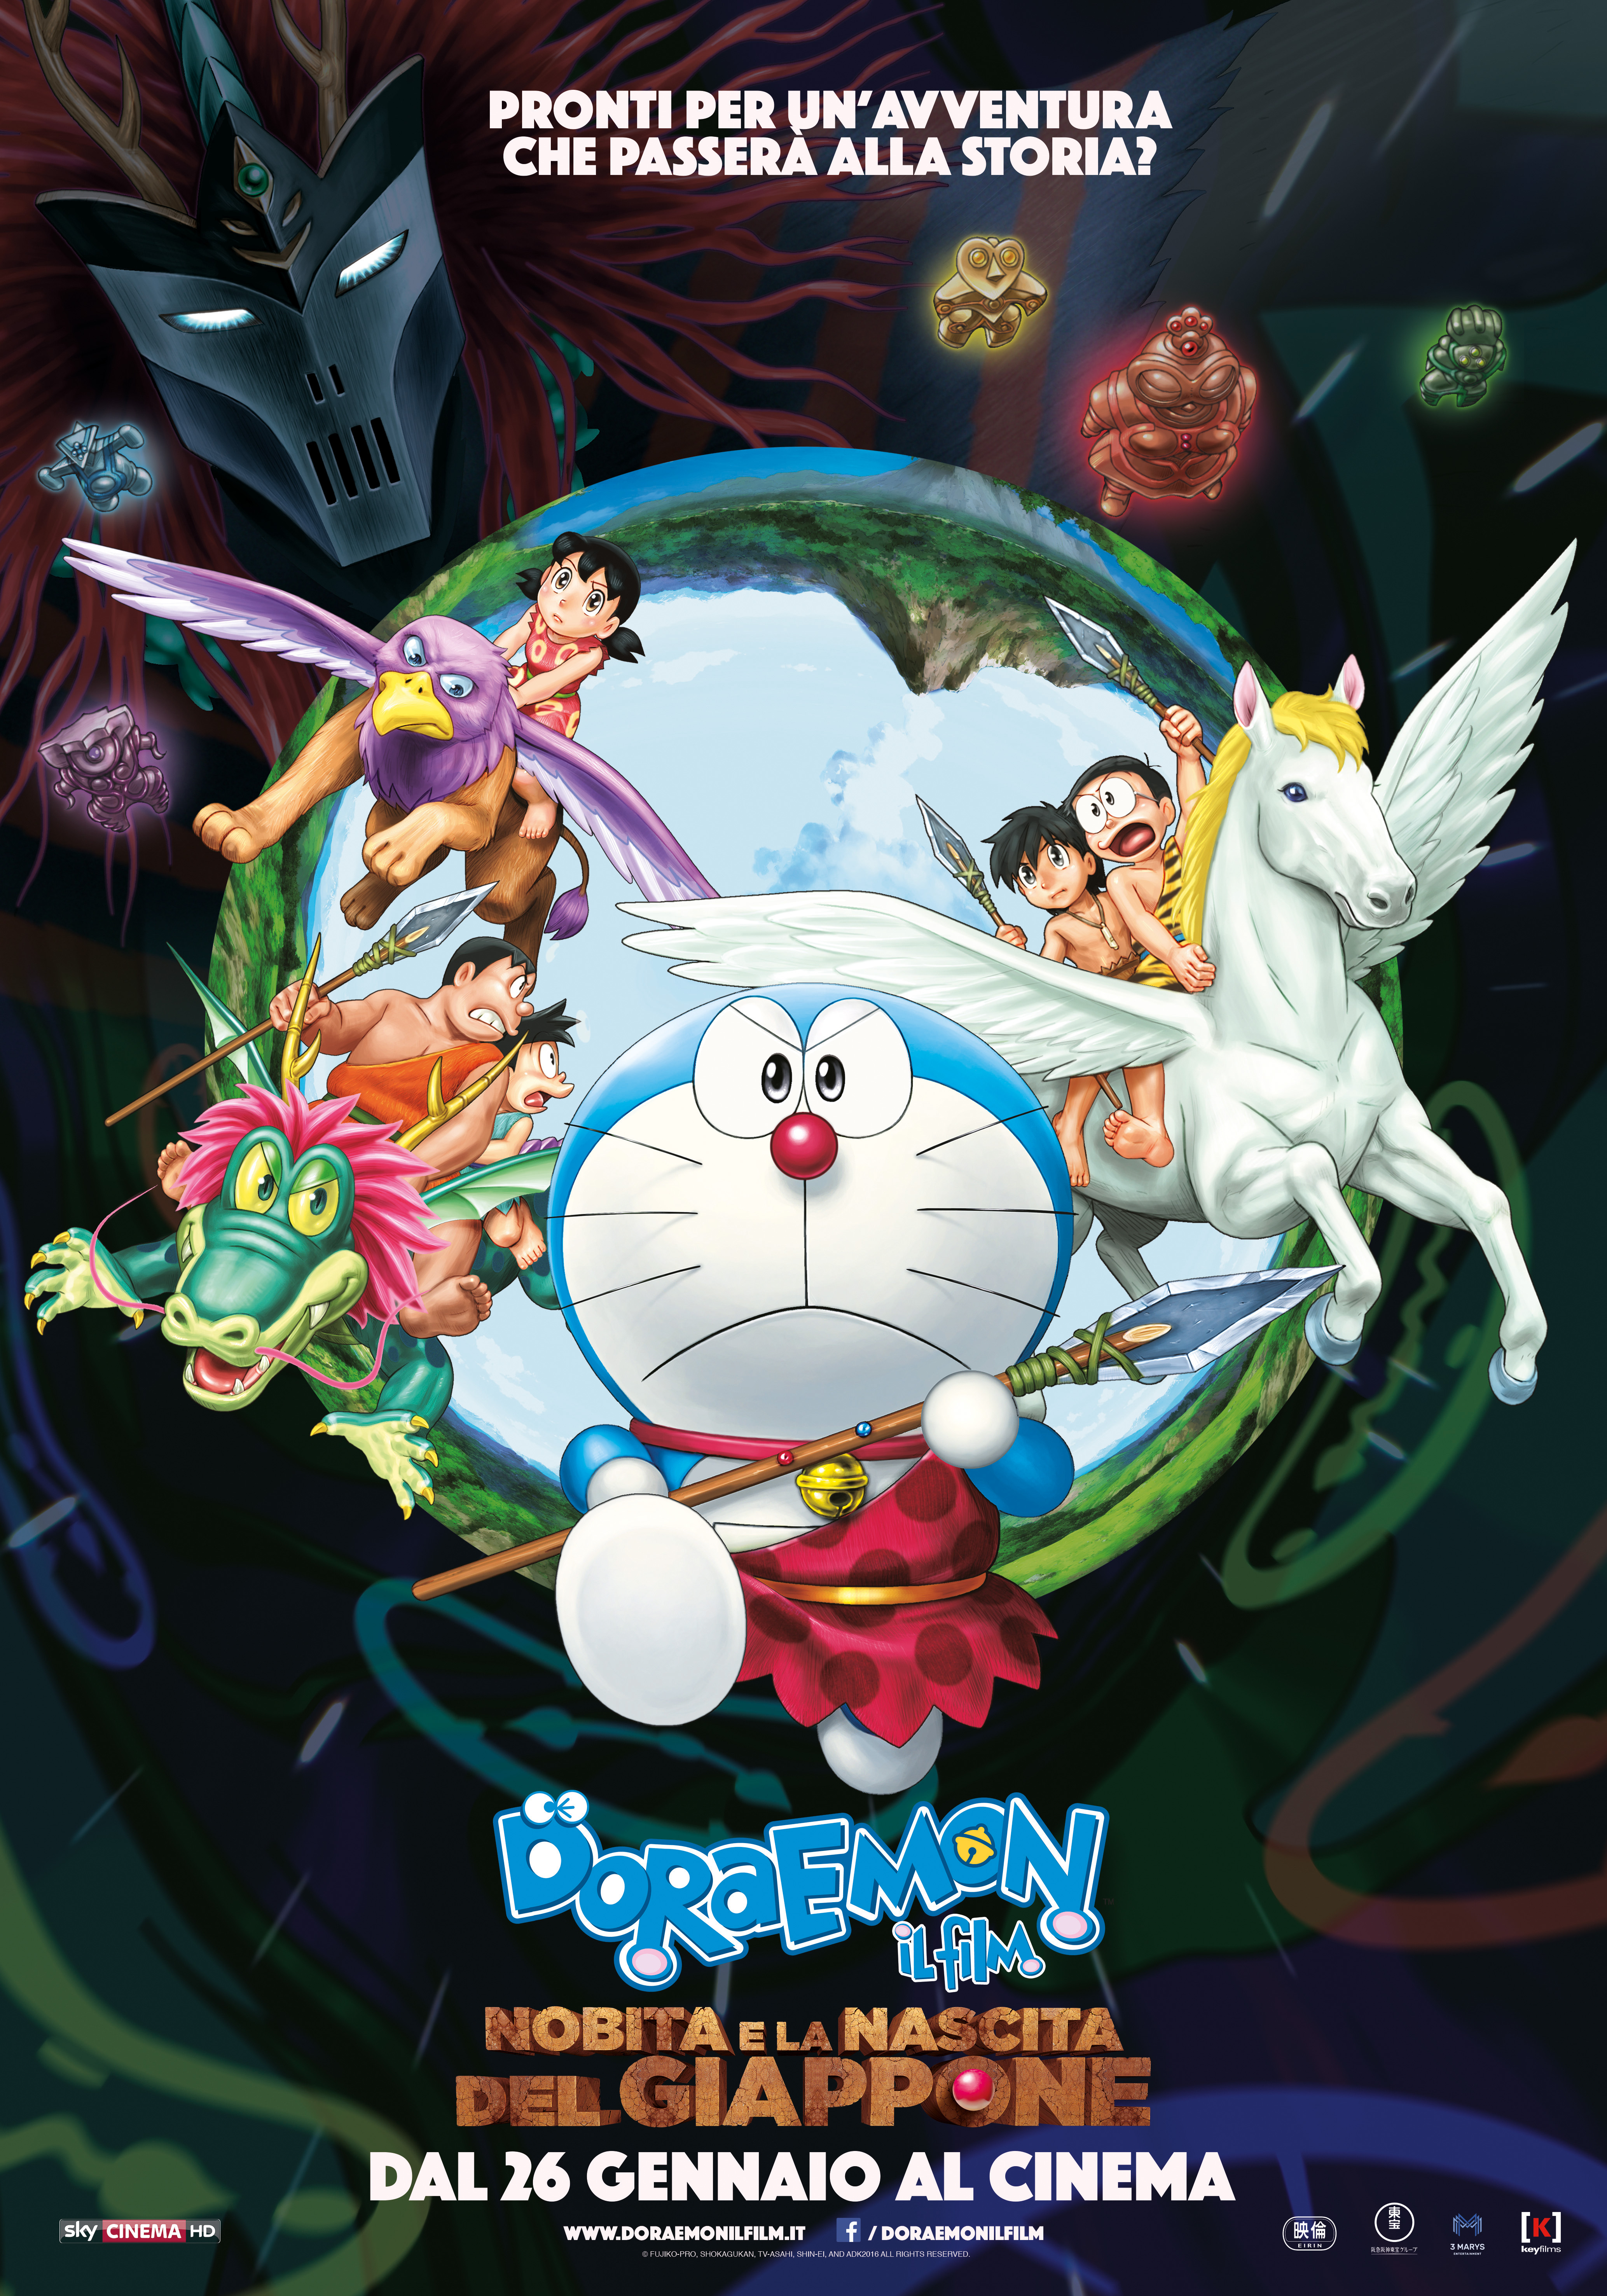 Doraemon Il Film - Nobita e la nascita del Giappone